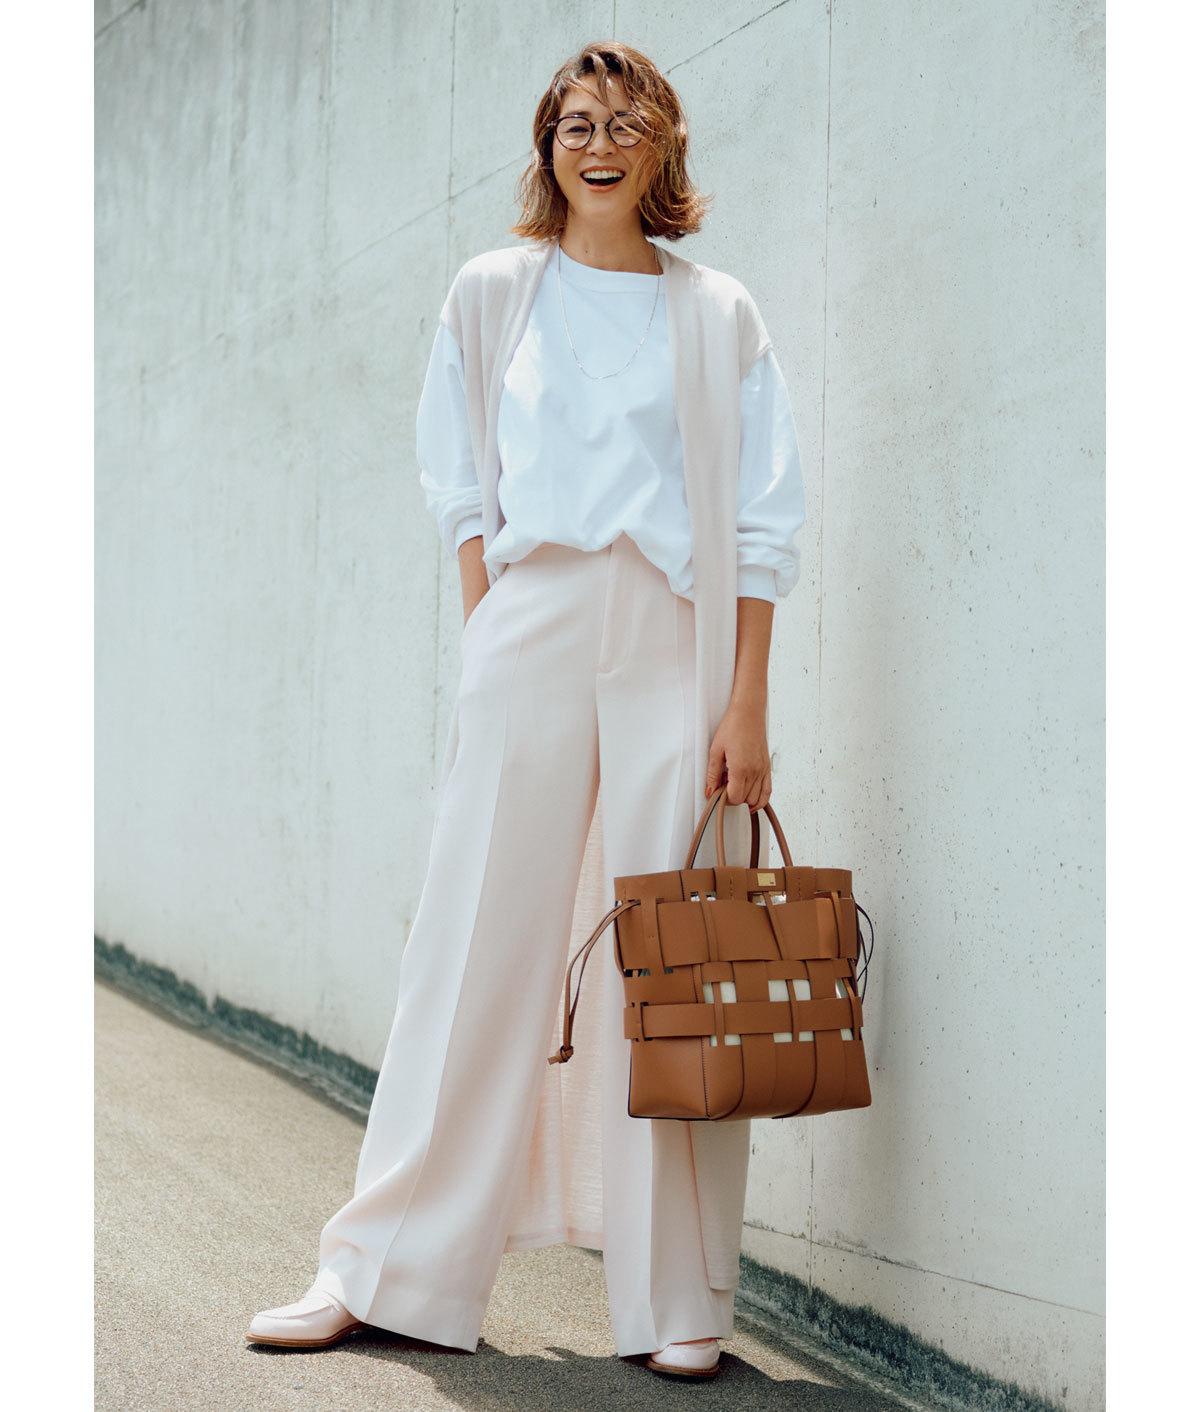 ペールピンクのジレとパンツに白スウェットのコーデを着たモデル・SHIHO